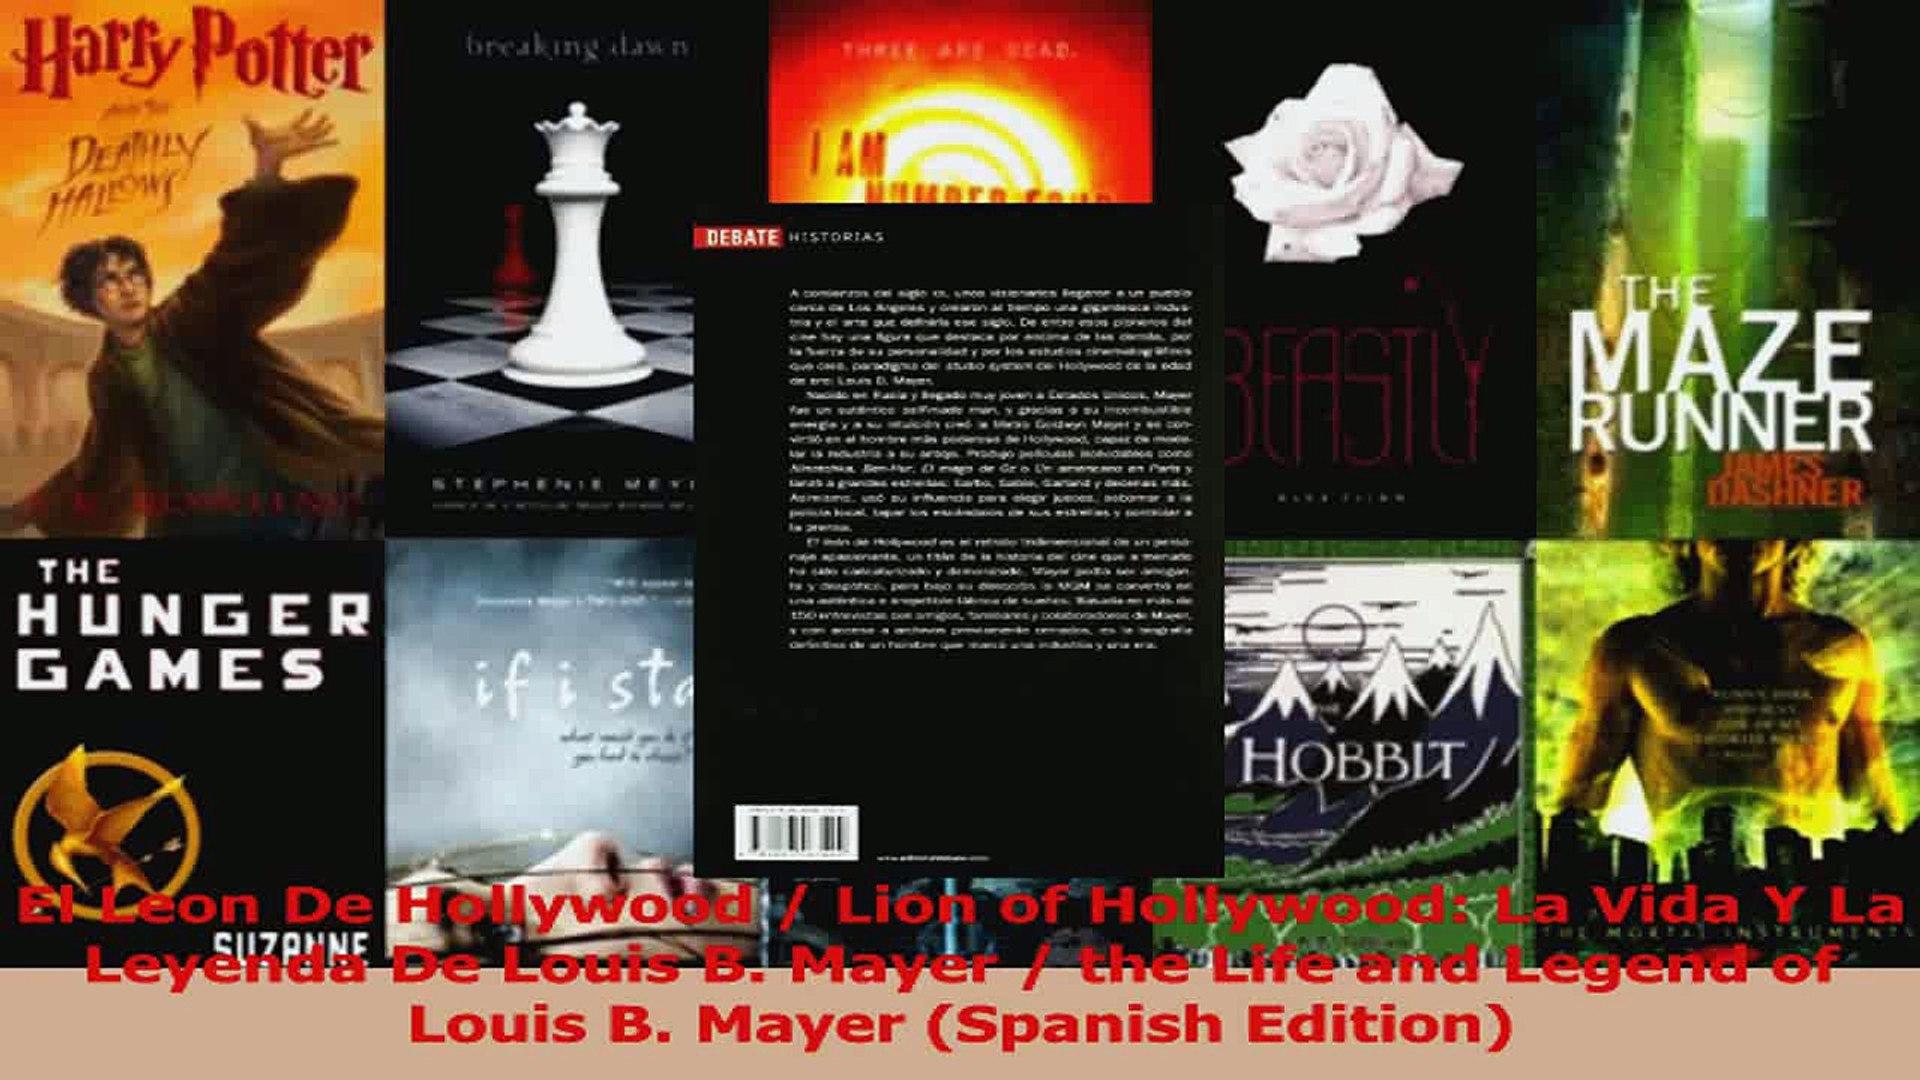 PDF Download  El Leon De Hollywood  Lion of Hollywood La Vida Y La Leyenda De Louis B Mayer  the PDF